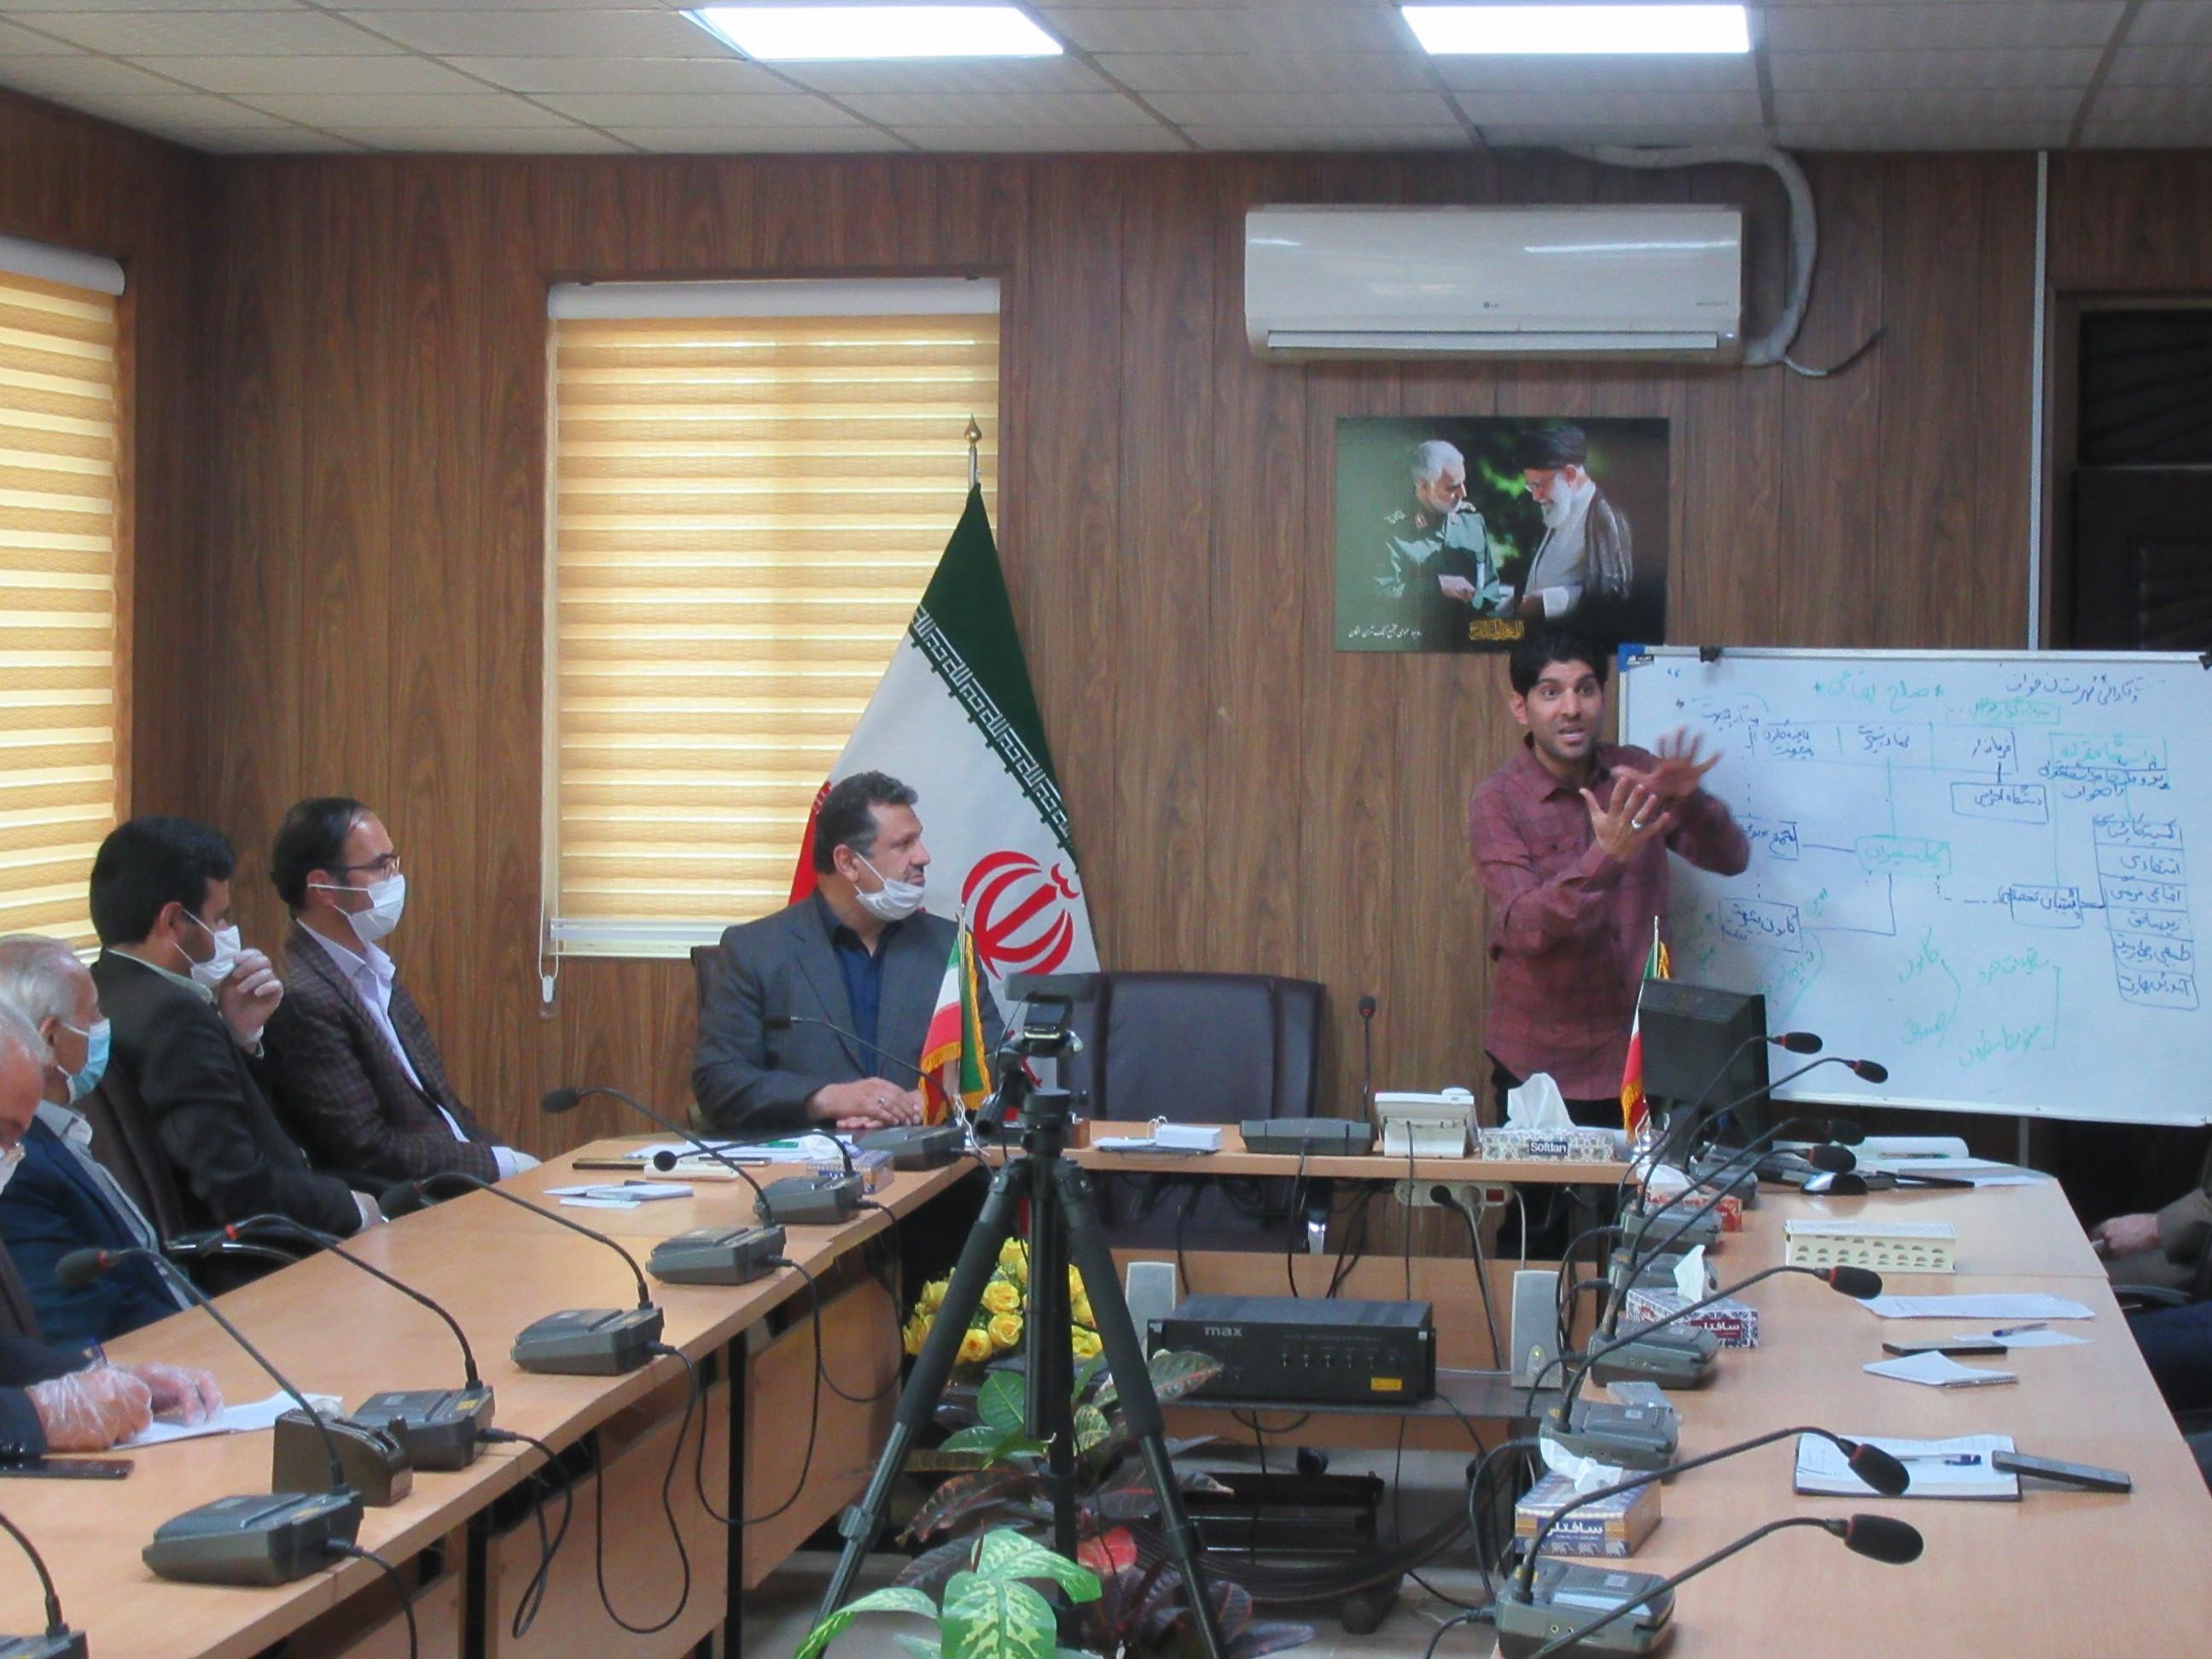 ستاد پیشرفت و آبادانی خواف باحضور اعضای شوراهای اسلامی شهرستان خواف تشکیل جلسه داد